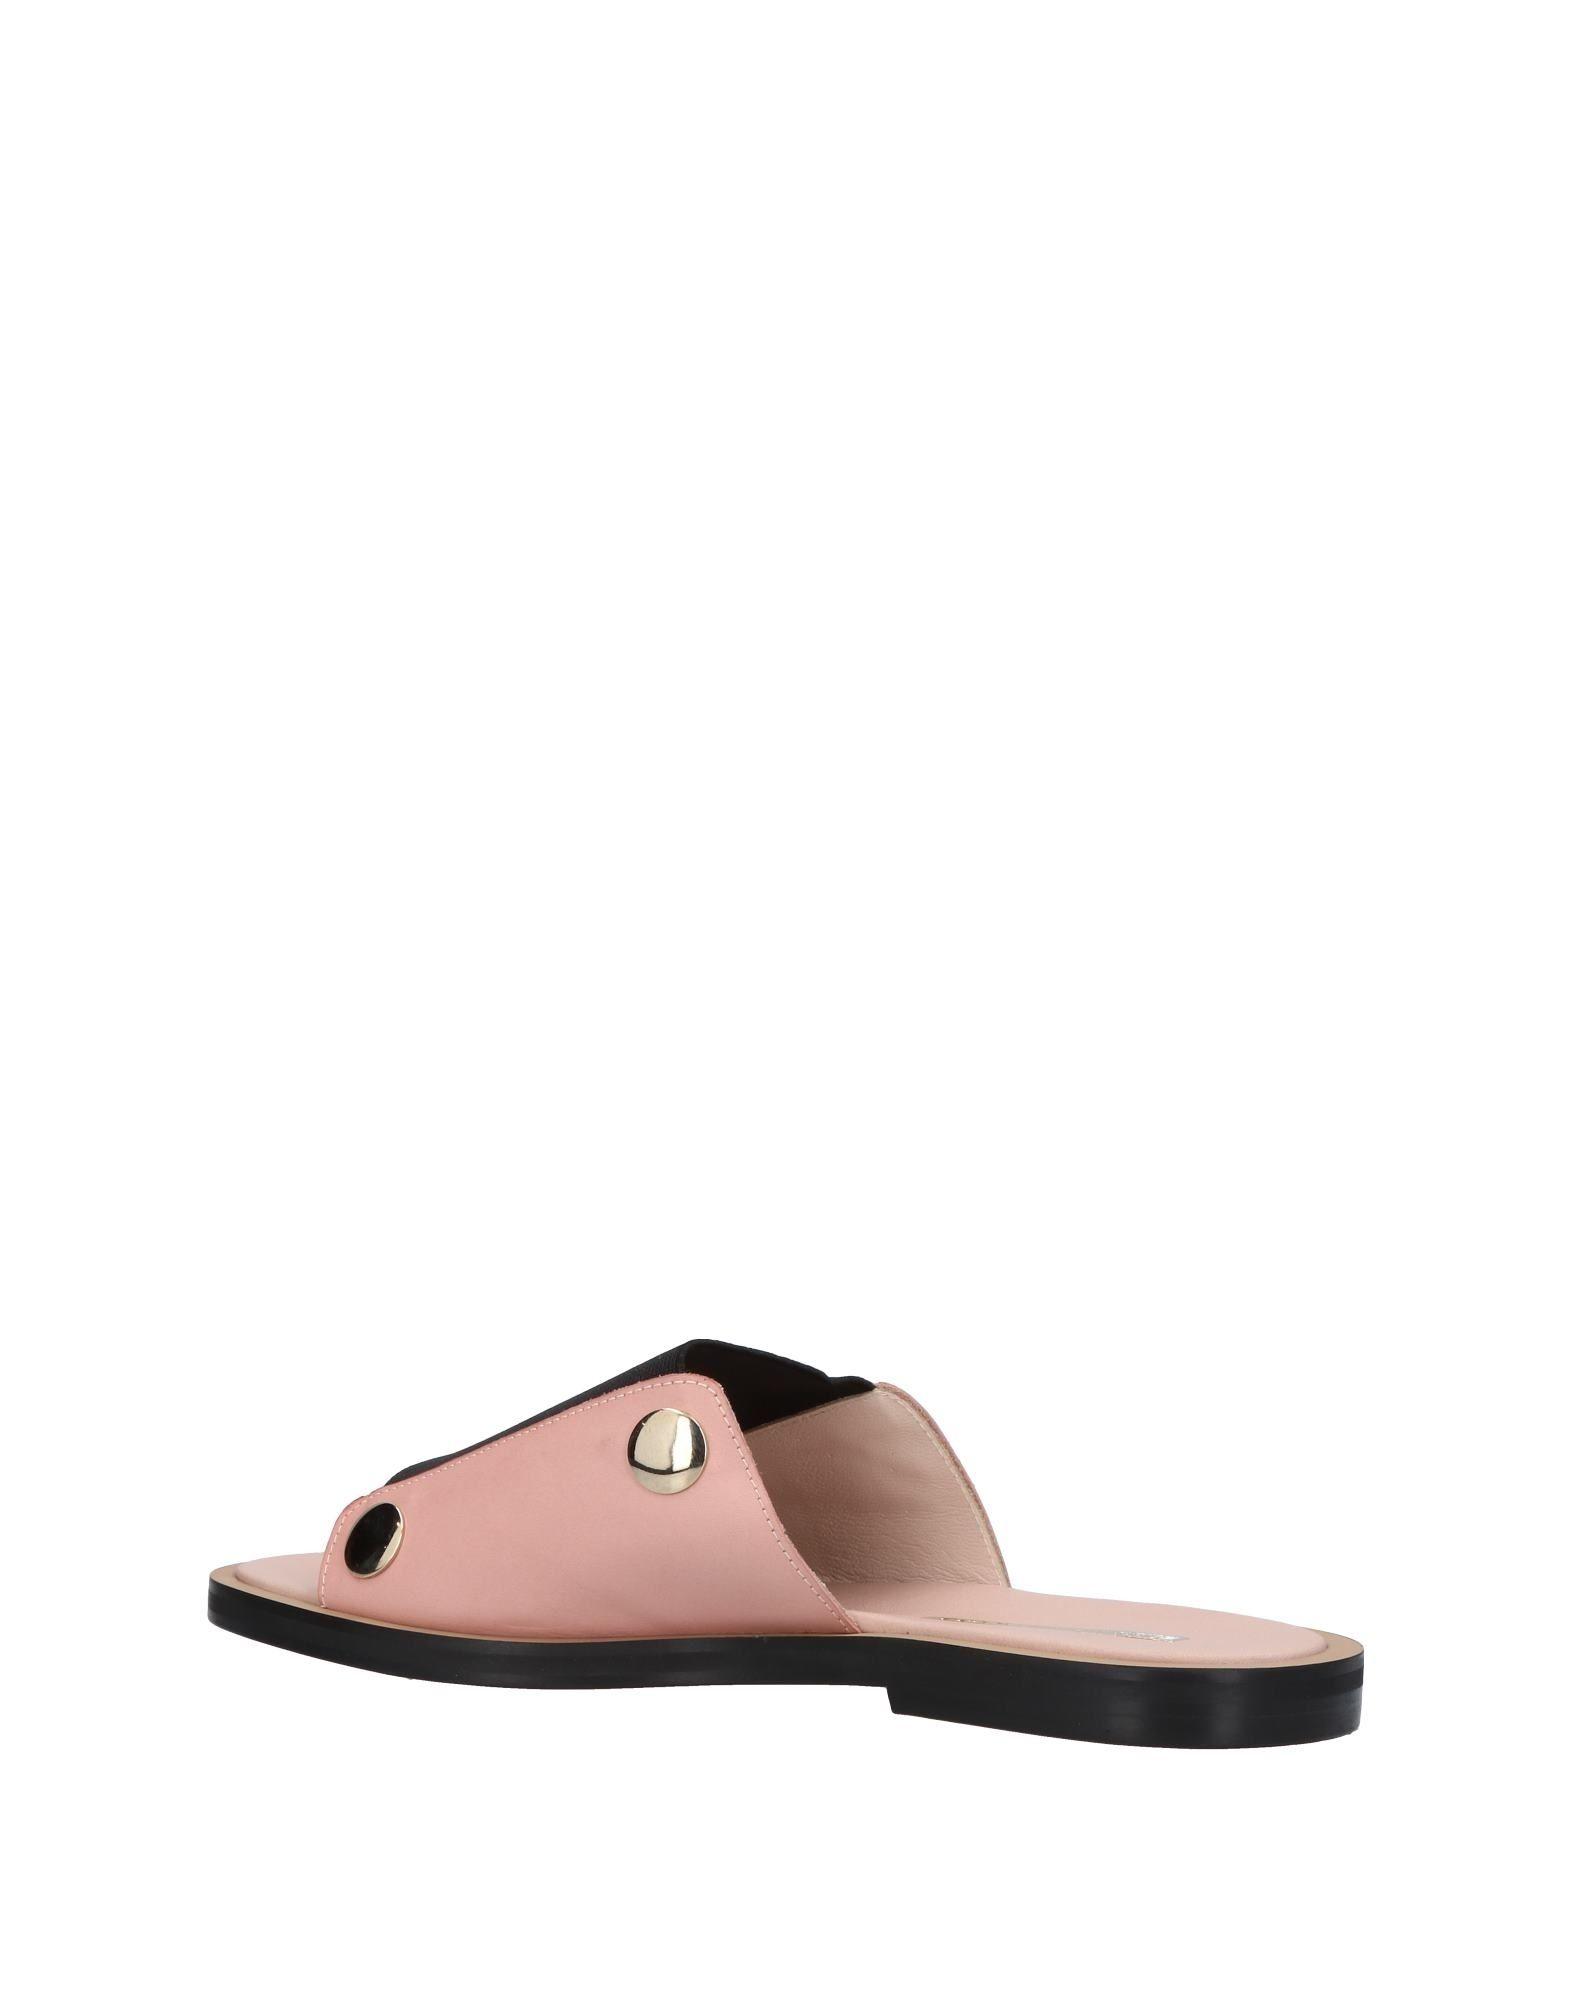 Hannibal Laguna Sandalen Damen  11404596OK Gute Qualität beliebte Schuhe